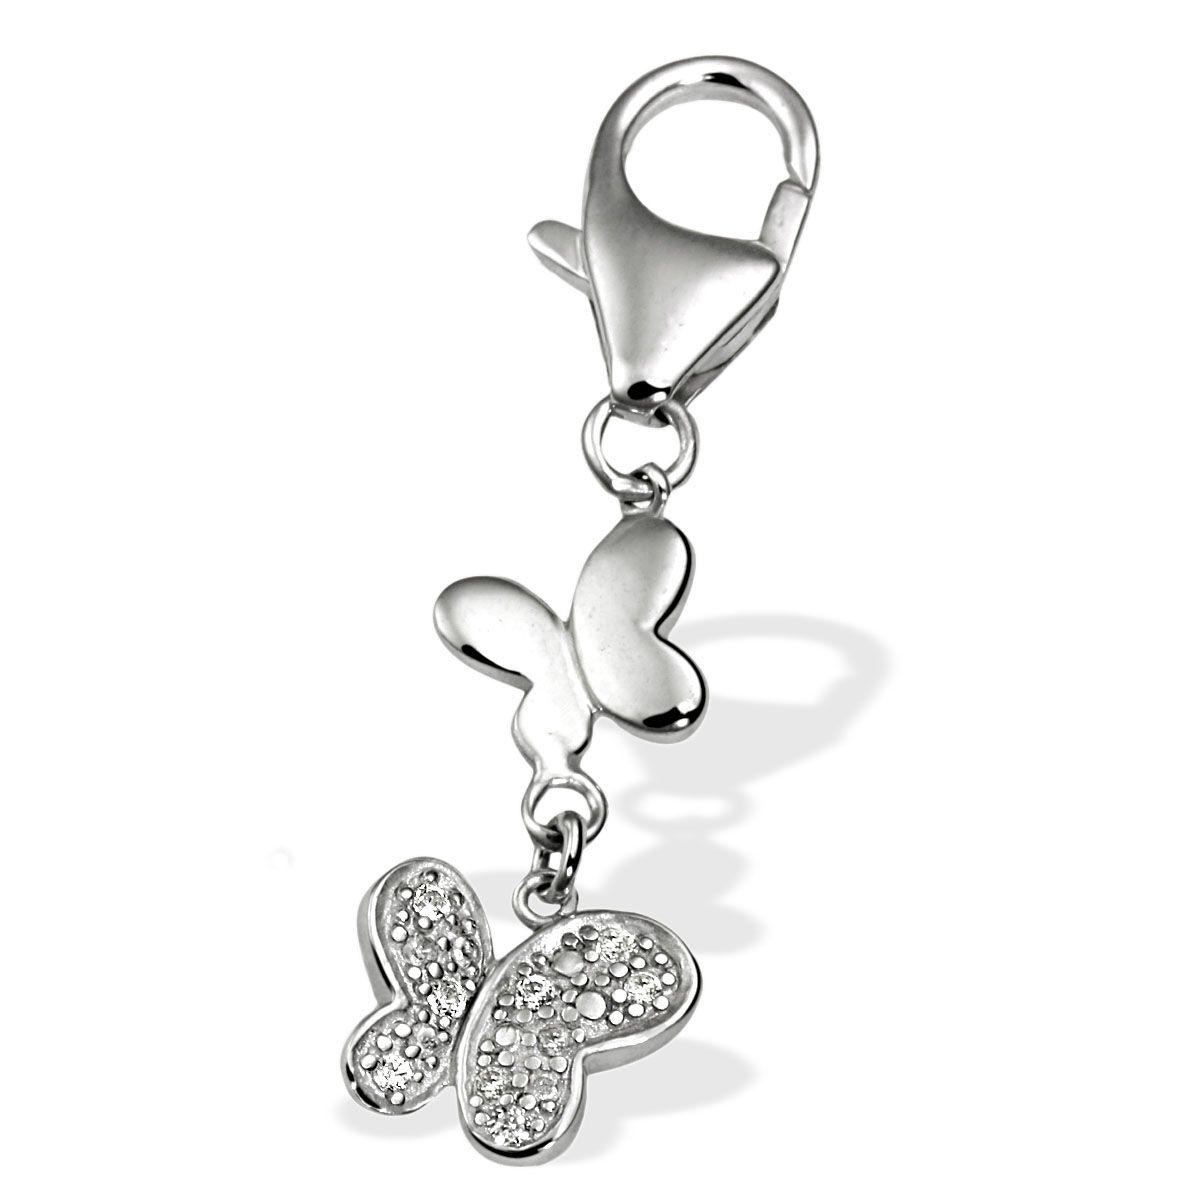 AVERDIN Averdin Charm Silber 925/- zwei Schmetterlinge  8 Zirkonia